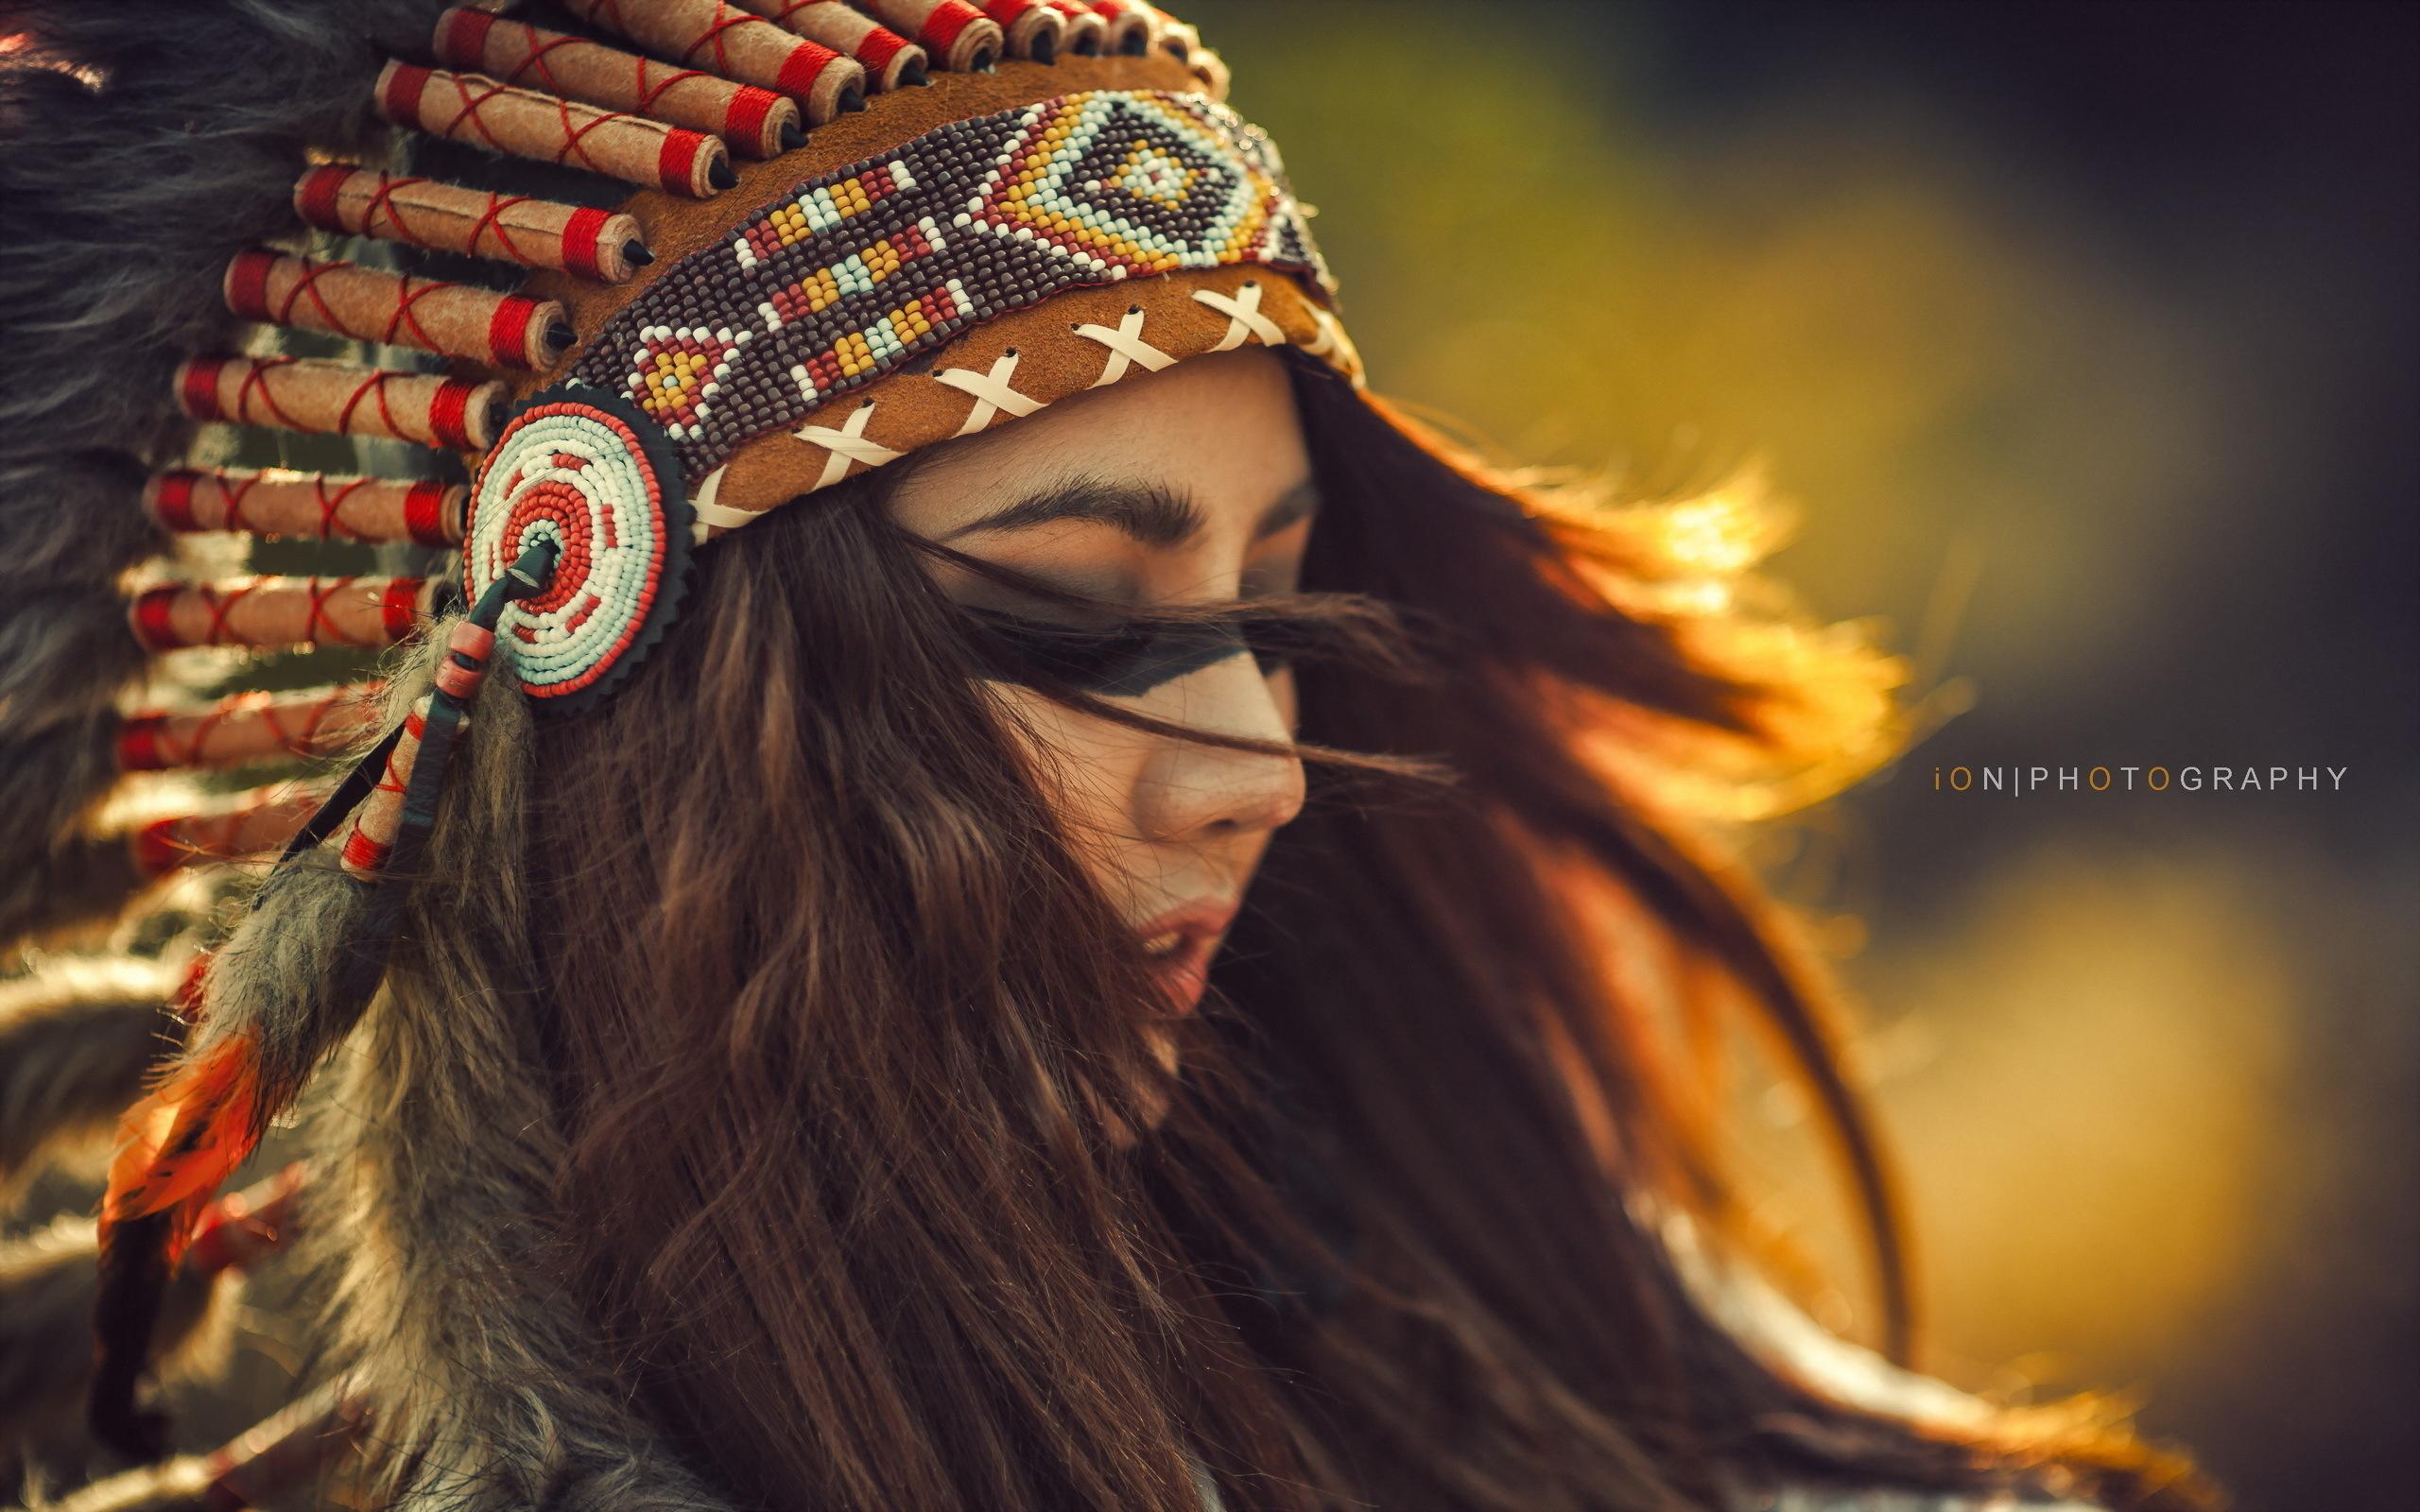 хозяйственным индейские женские имена красивые сыгравший эпизодические роли